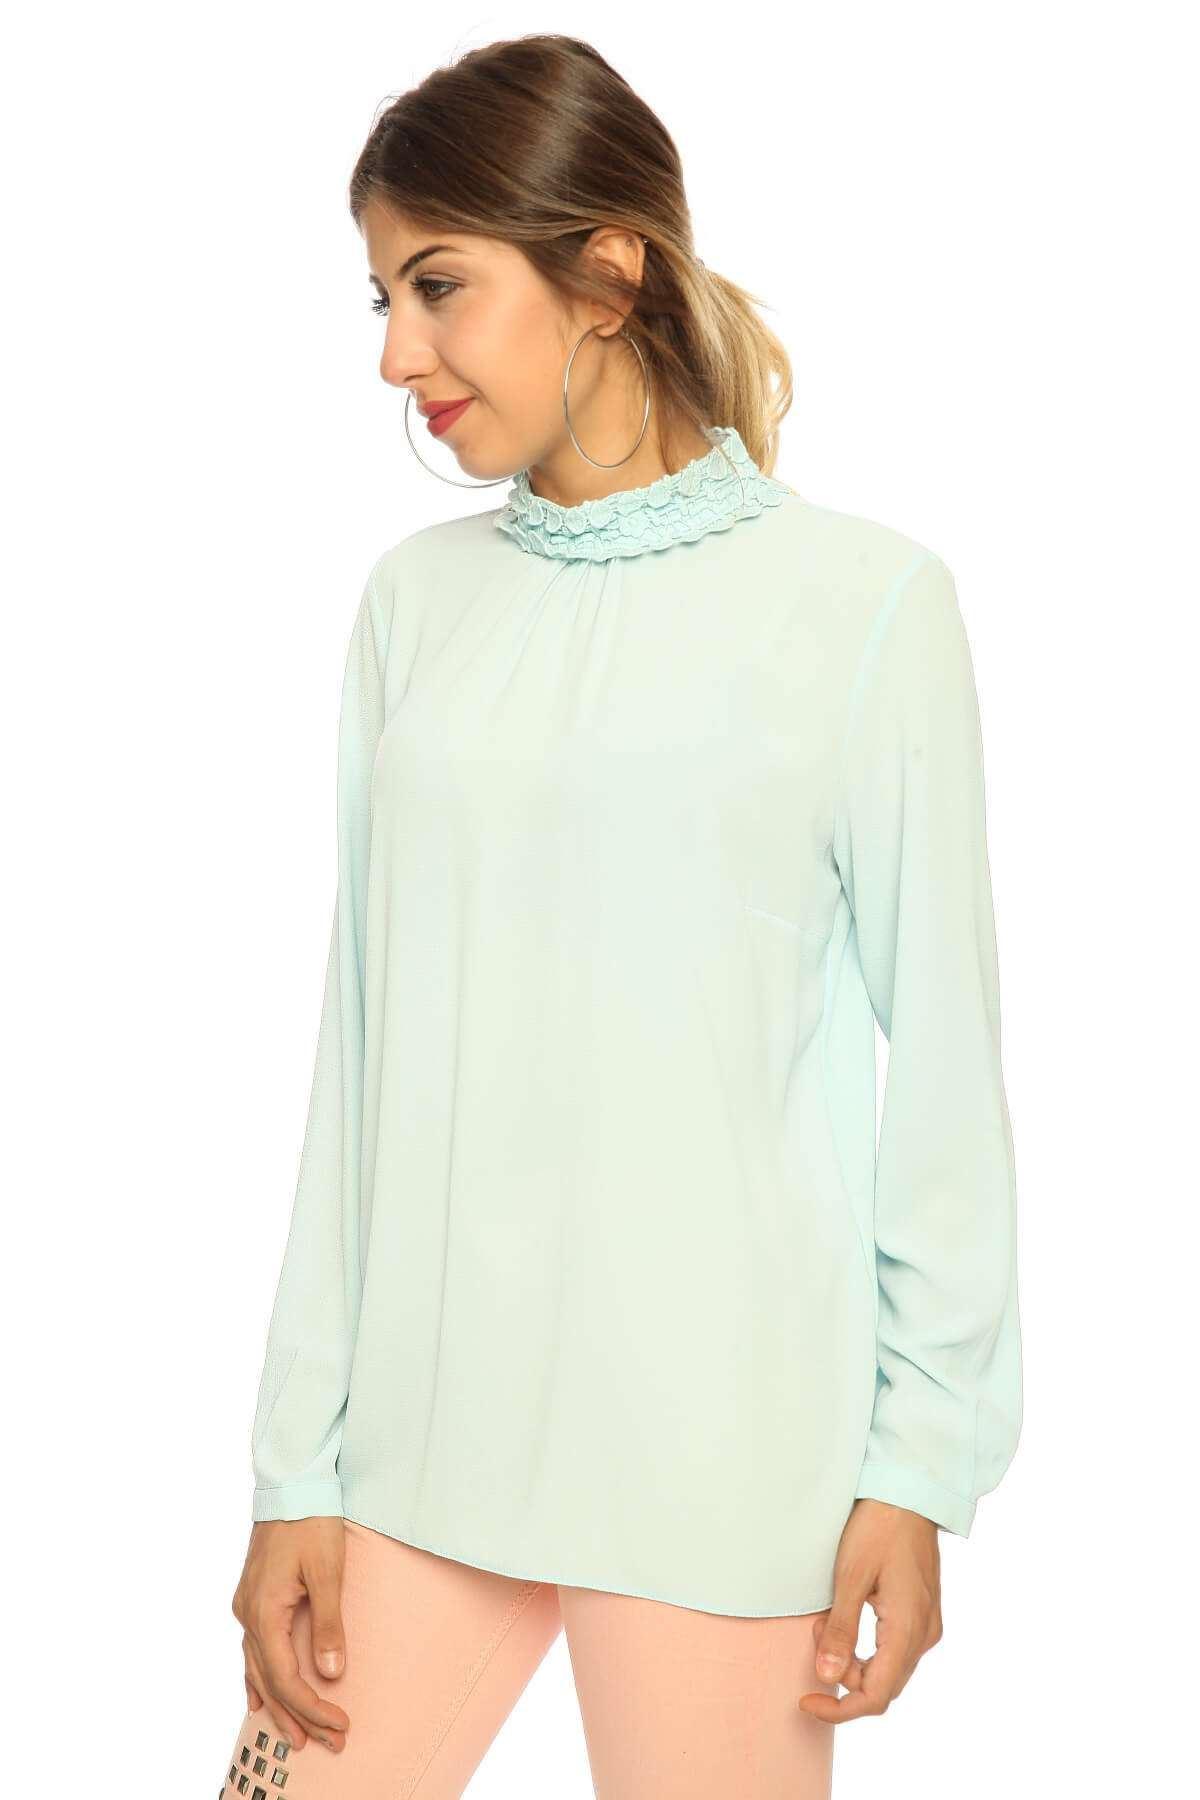 Yaka Dantel Detaylı Uzun Kol Bluz B.Mavı